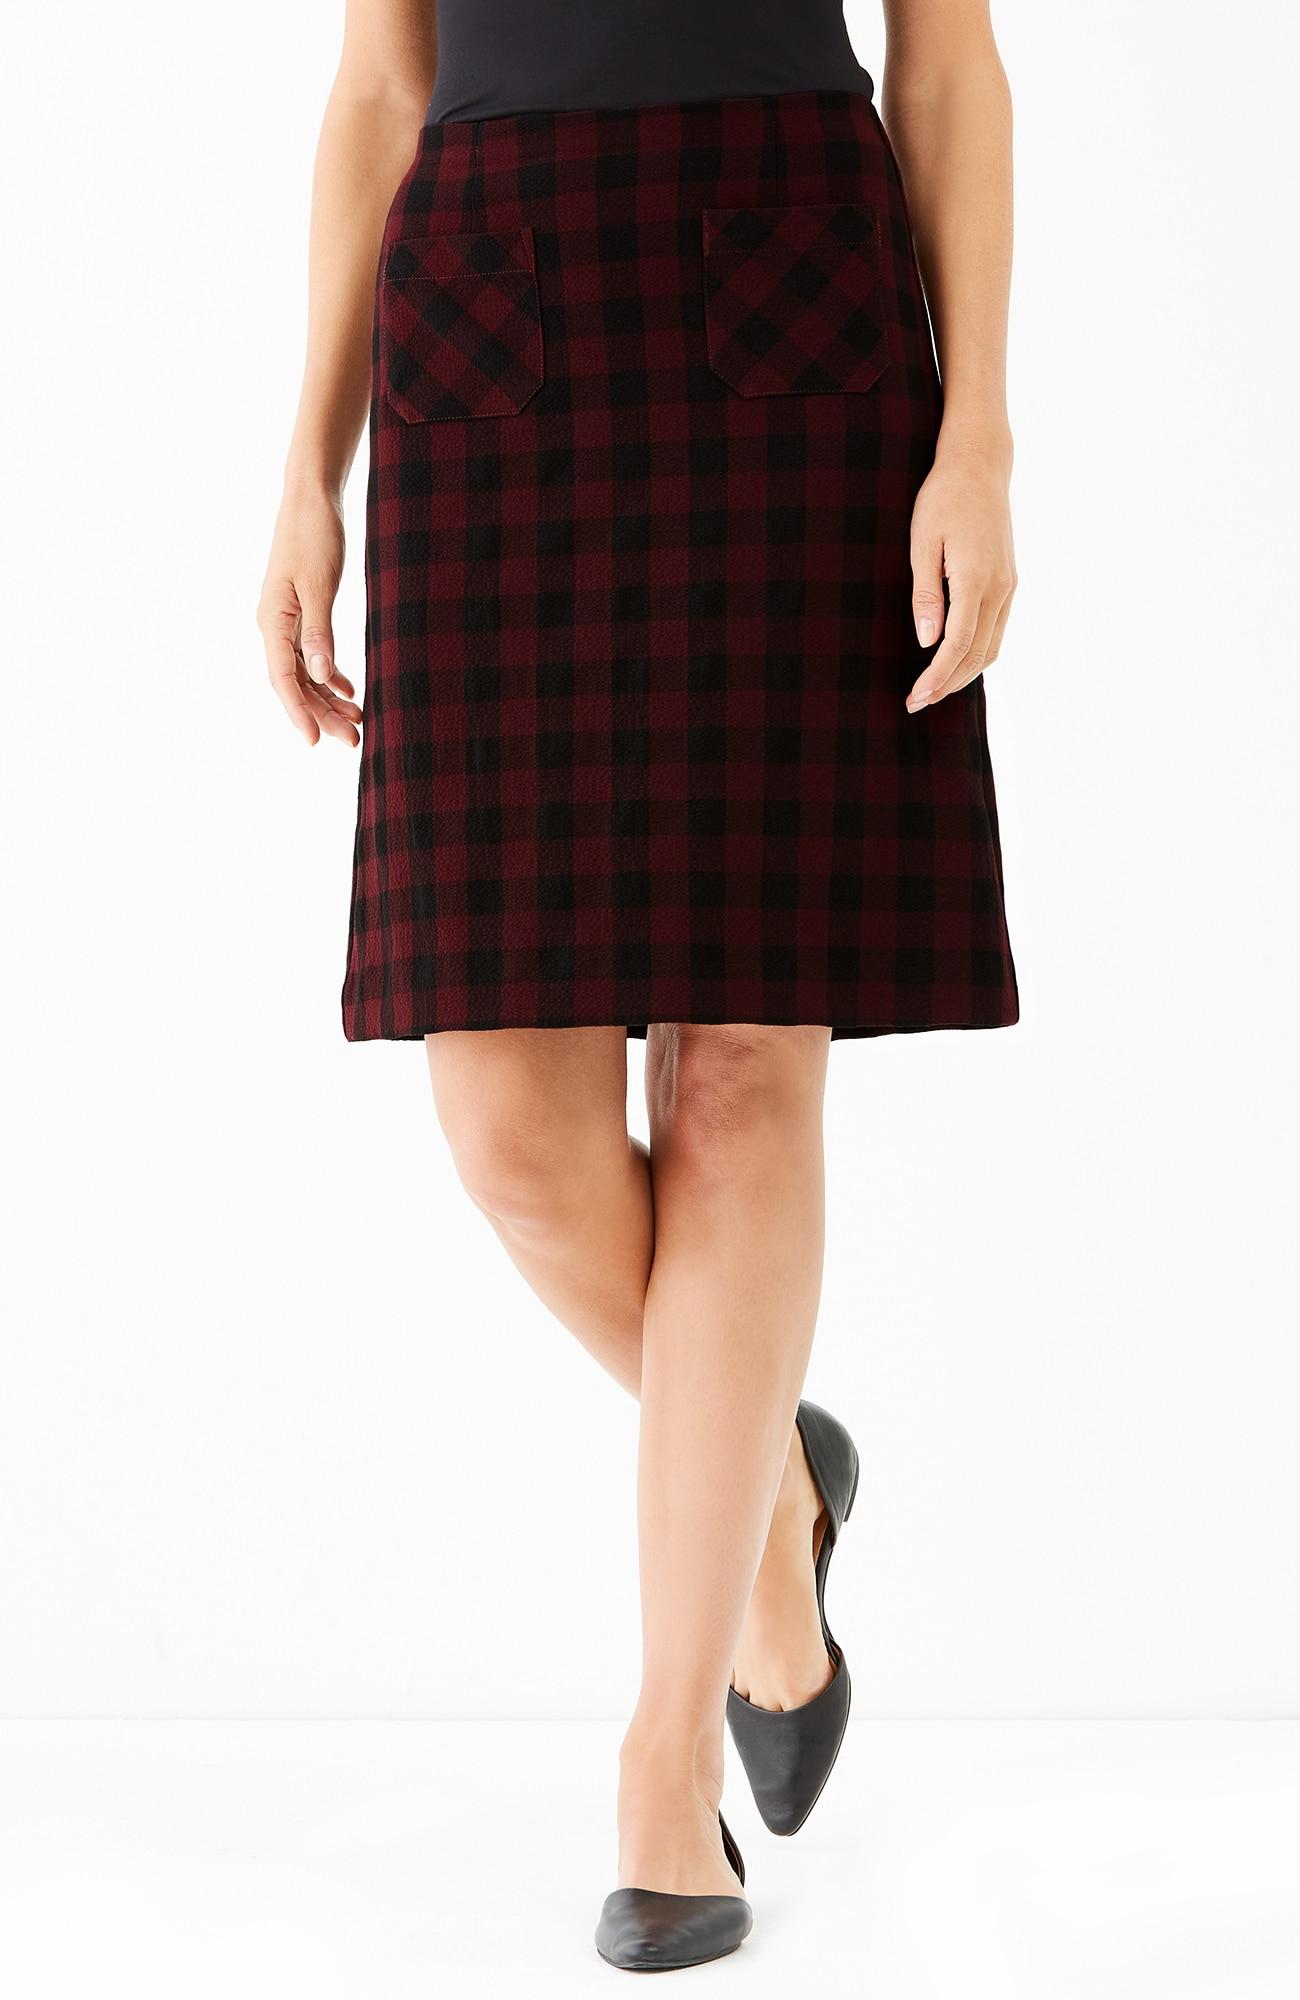 gingham A-line skirt